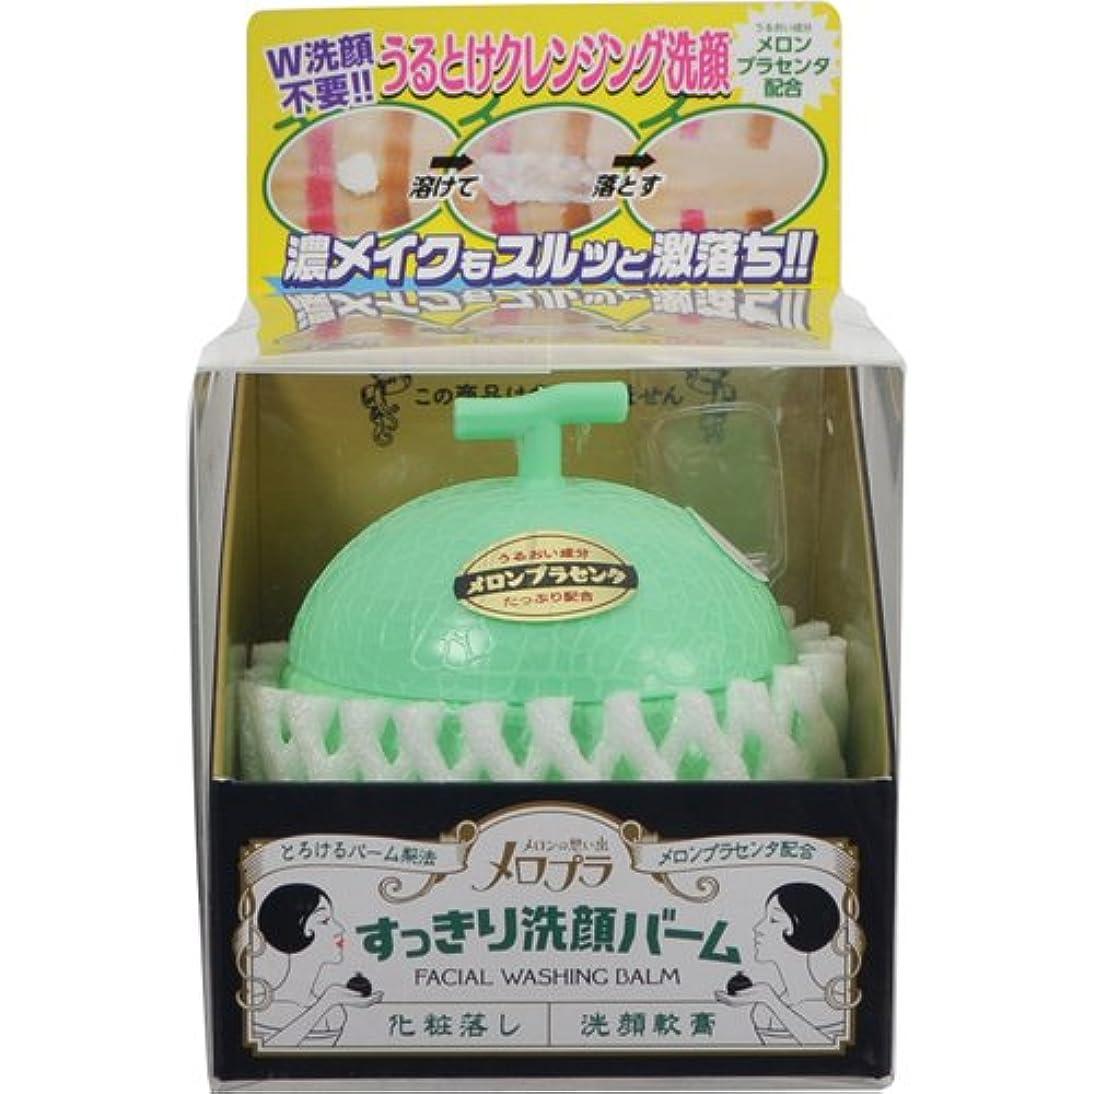 通常腹部痛いメロプラ すっきり洗顔バーム 100g